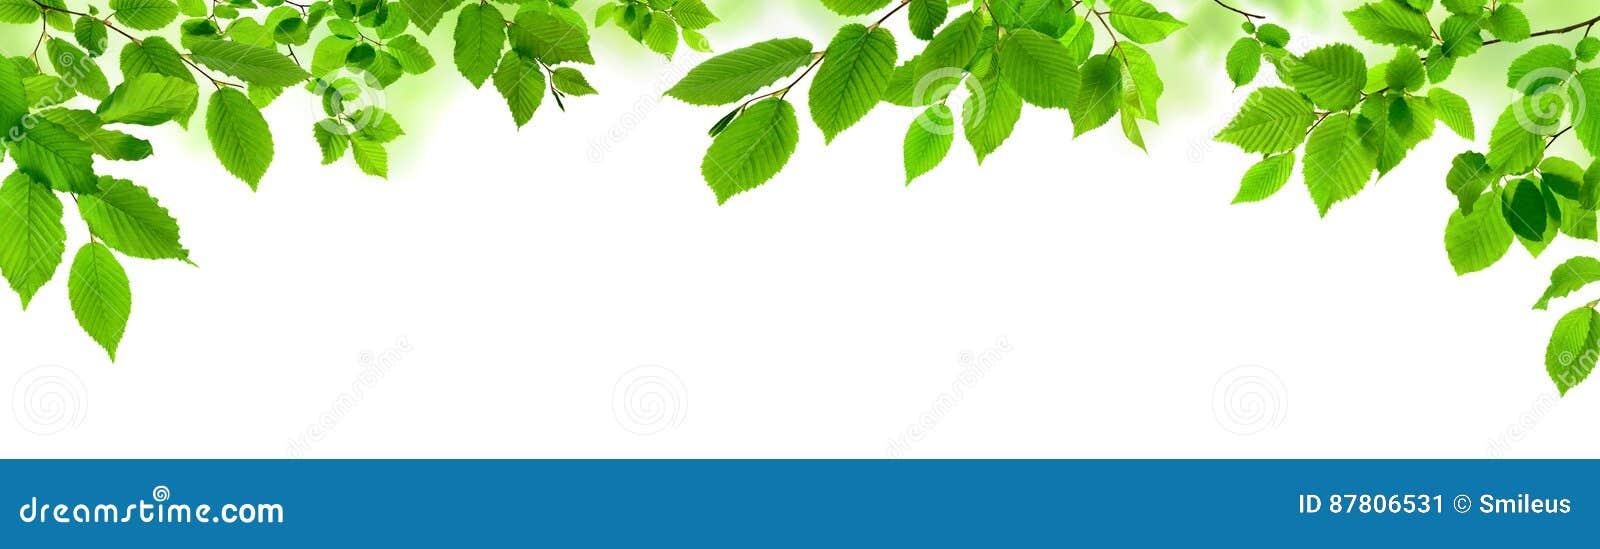 Grün verlässt auf Weiß als breite Grenze